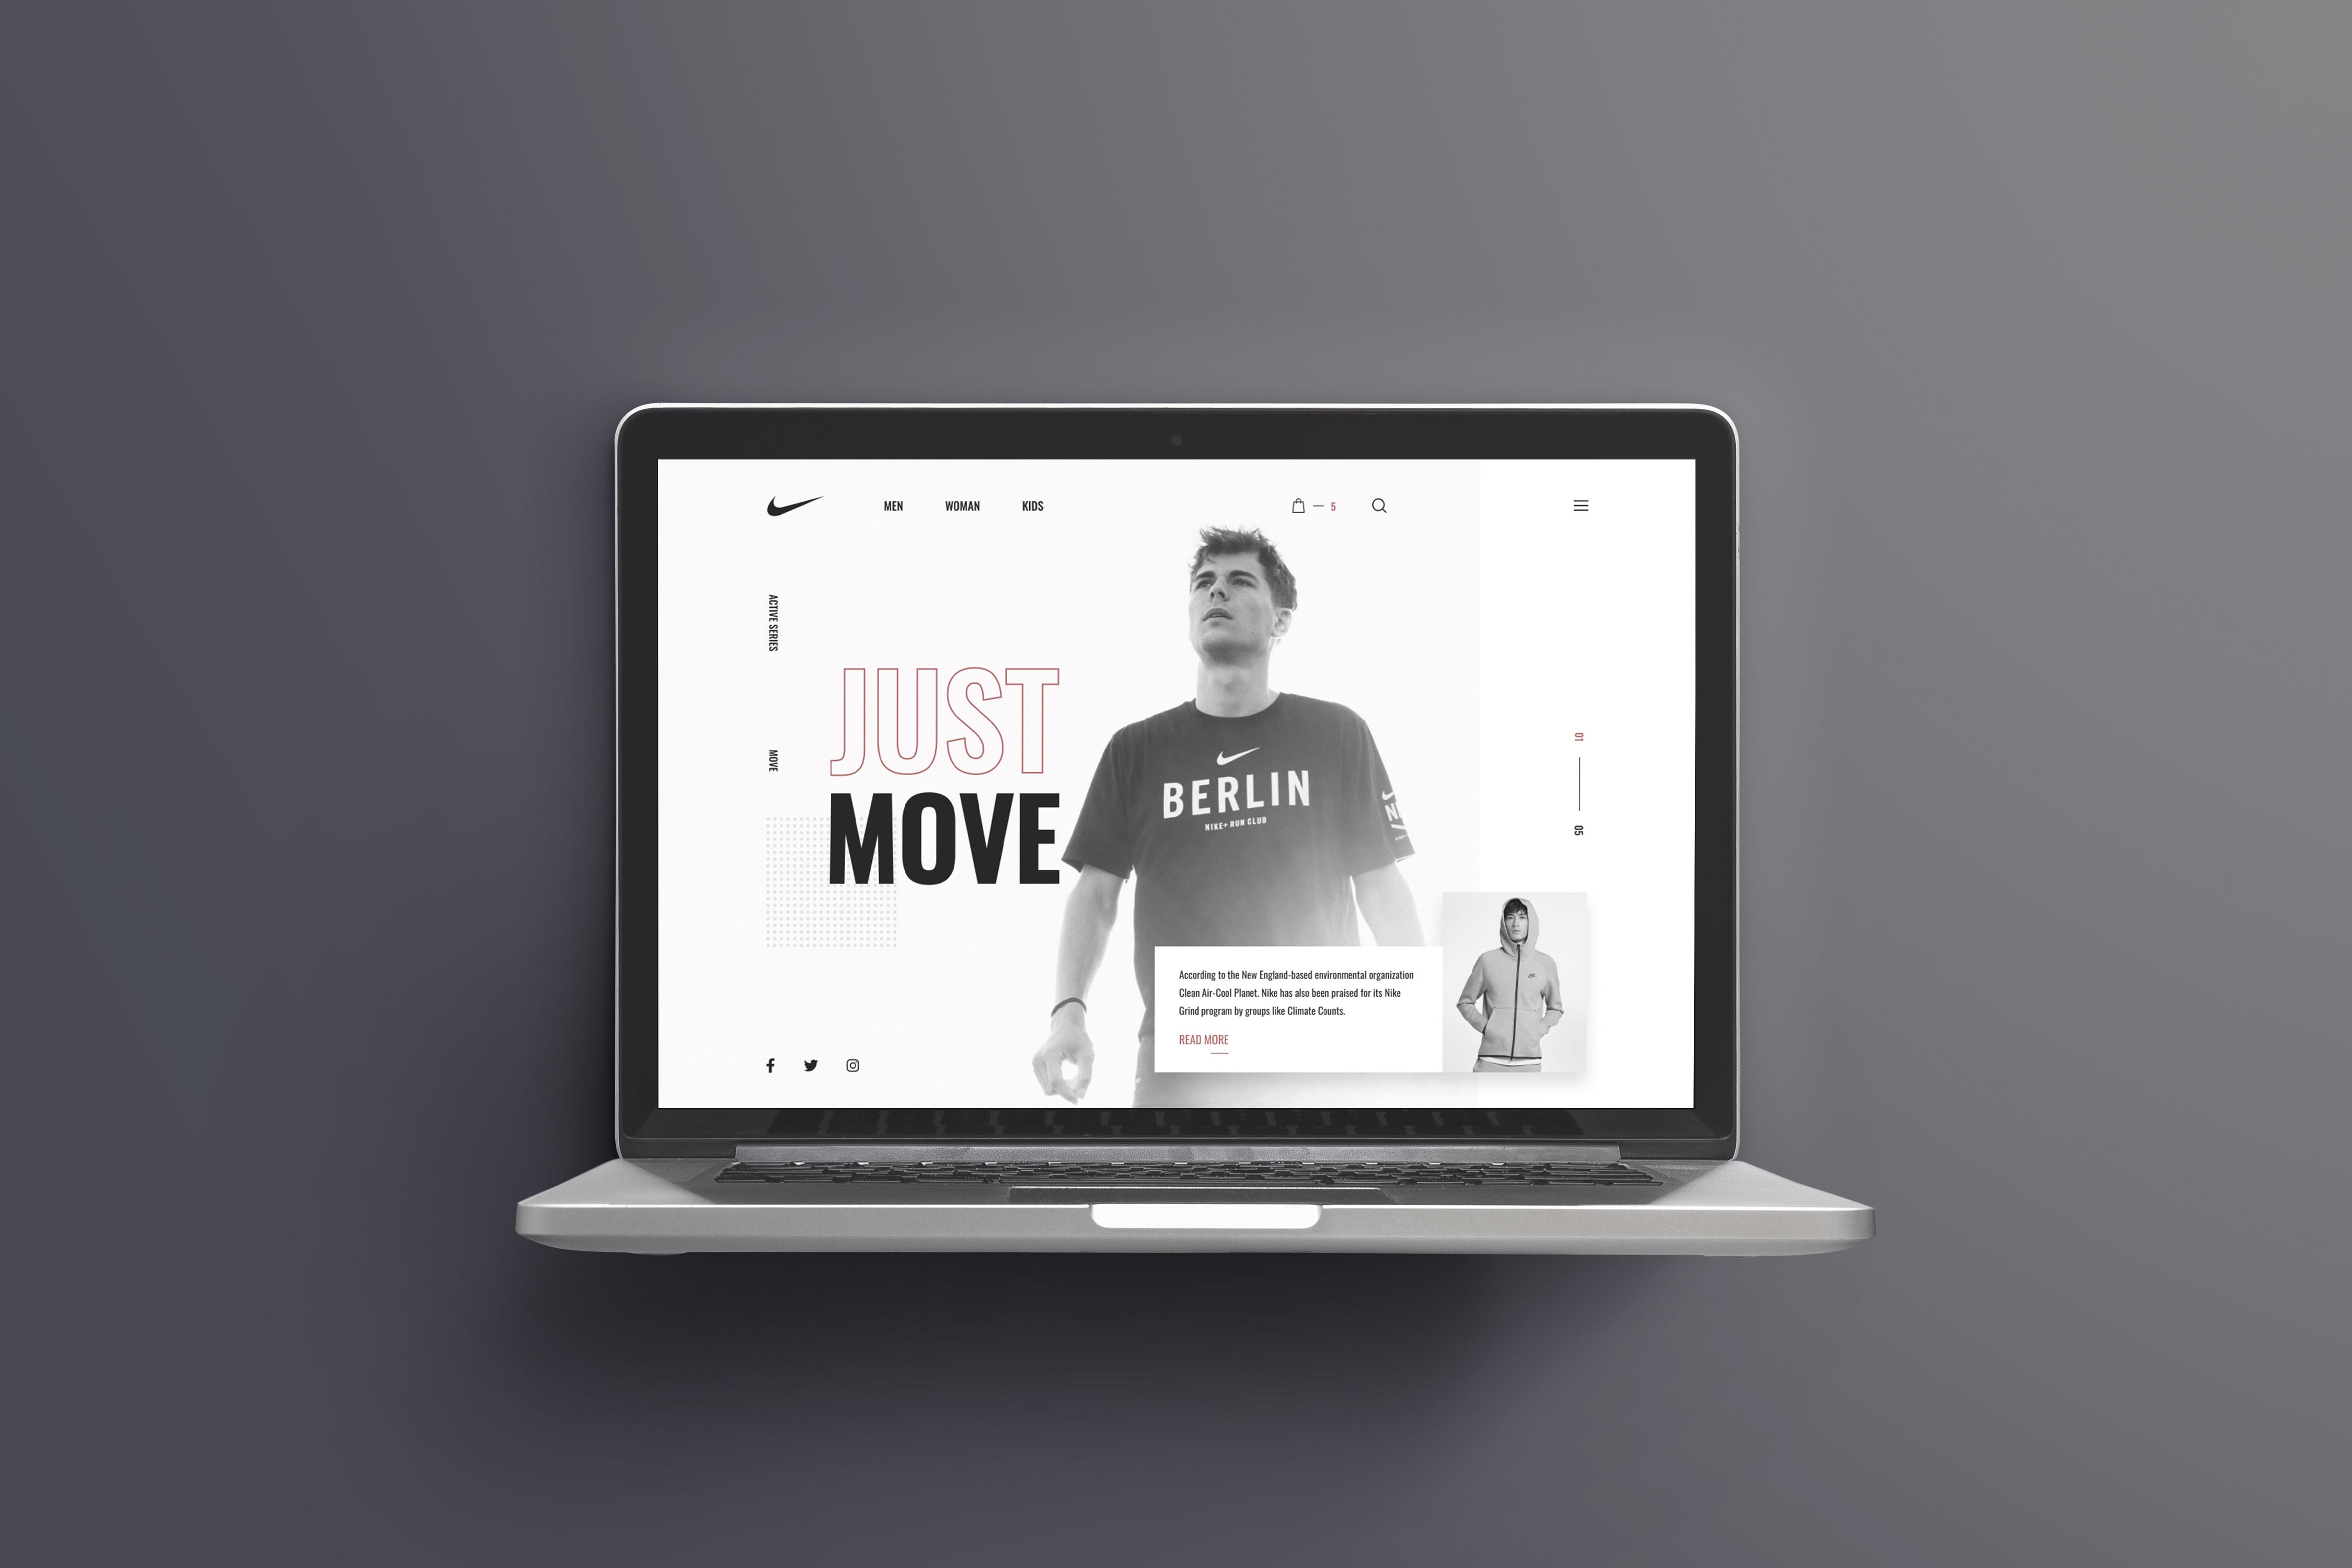 Фото Разработана концепция главного экрана (веб-дизайн) для интернет магазина бренда NIKE Среда разработки: Фигма Время работы: 3 часа